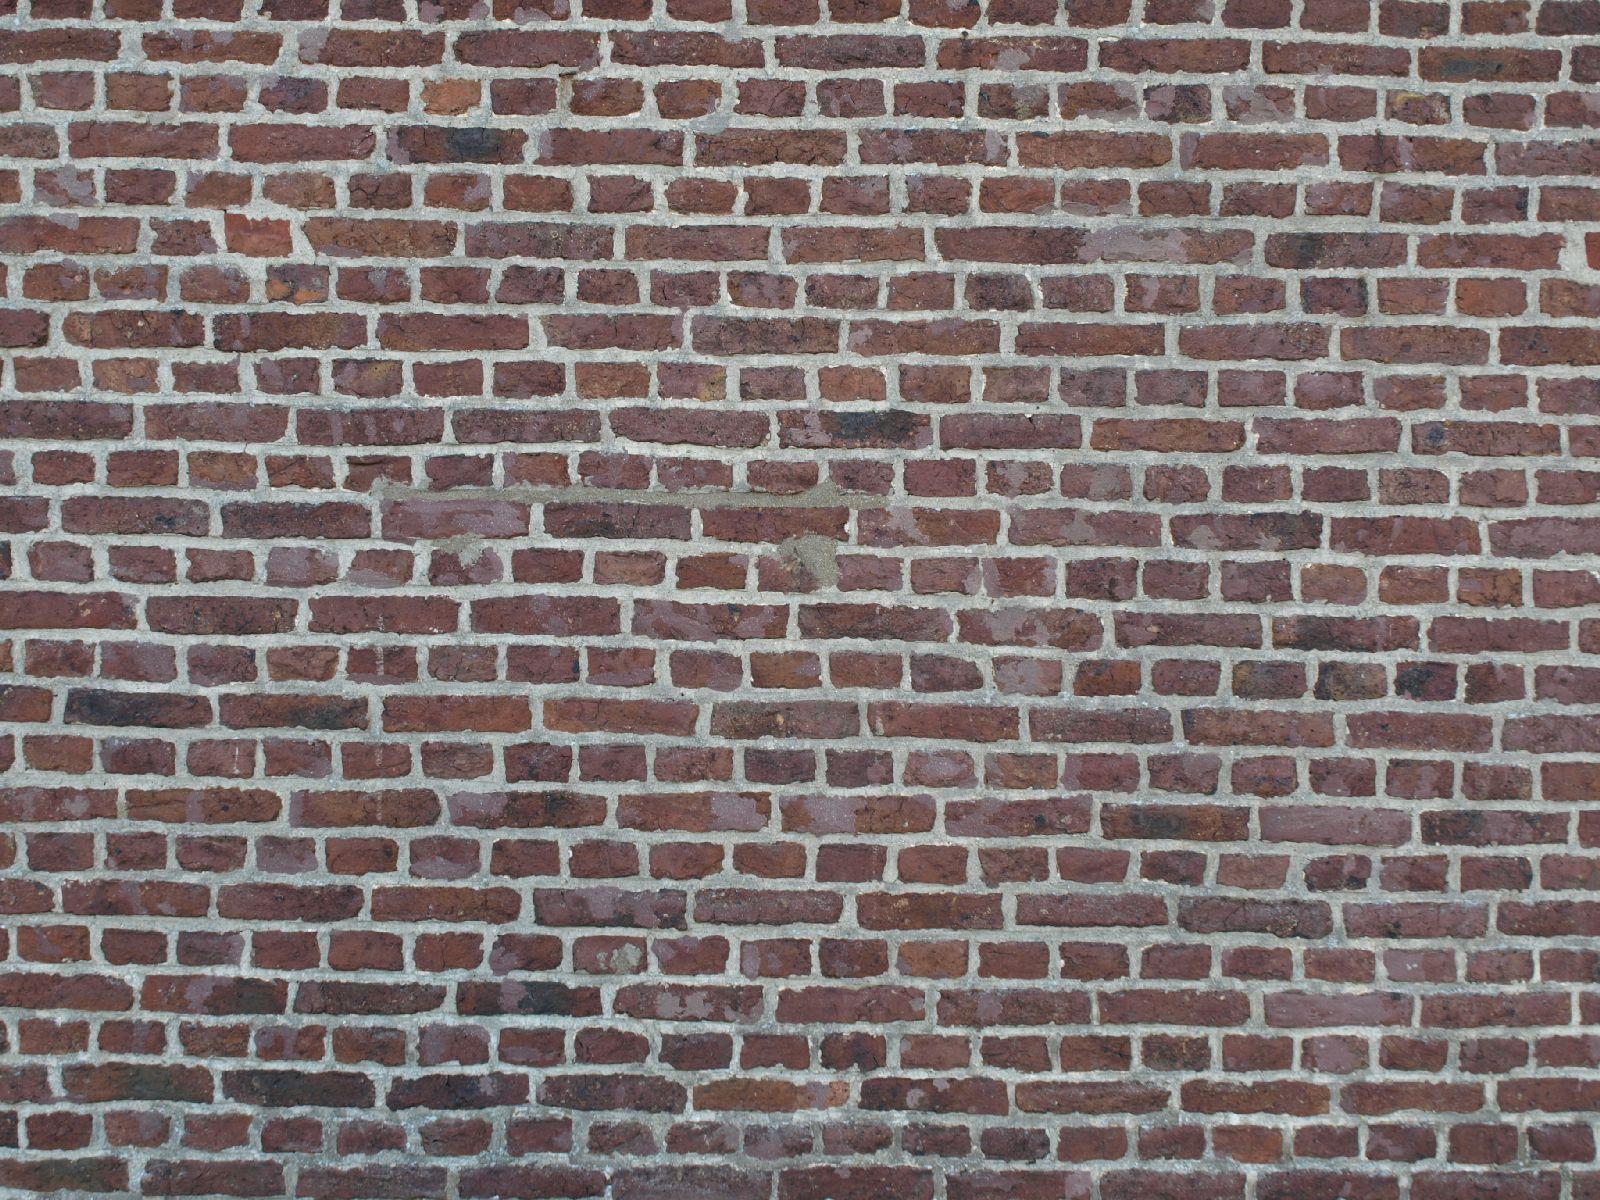 Brick_Texture_A_P1259918